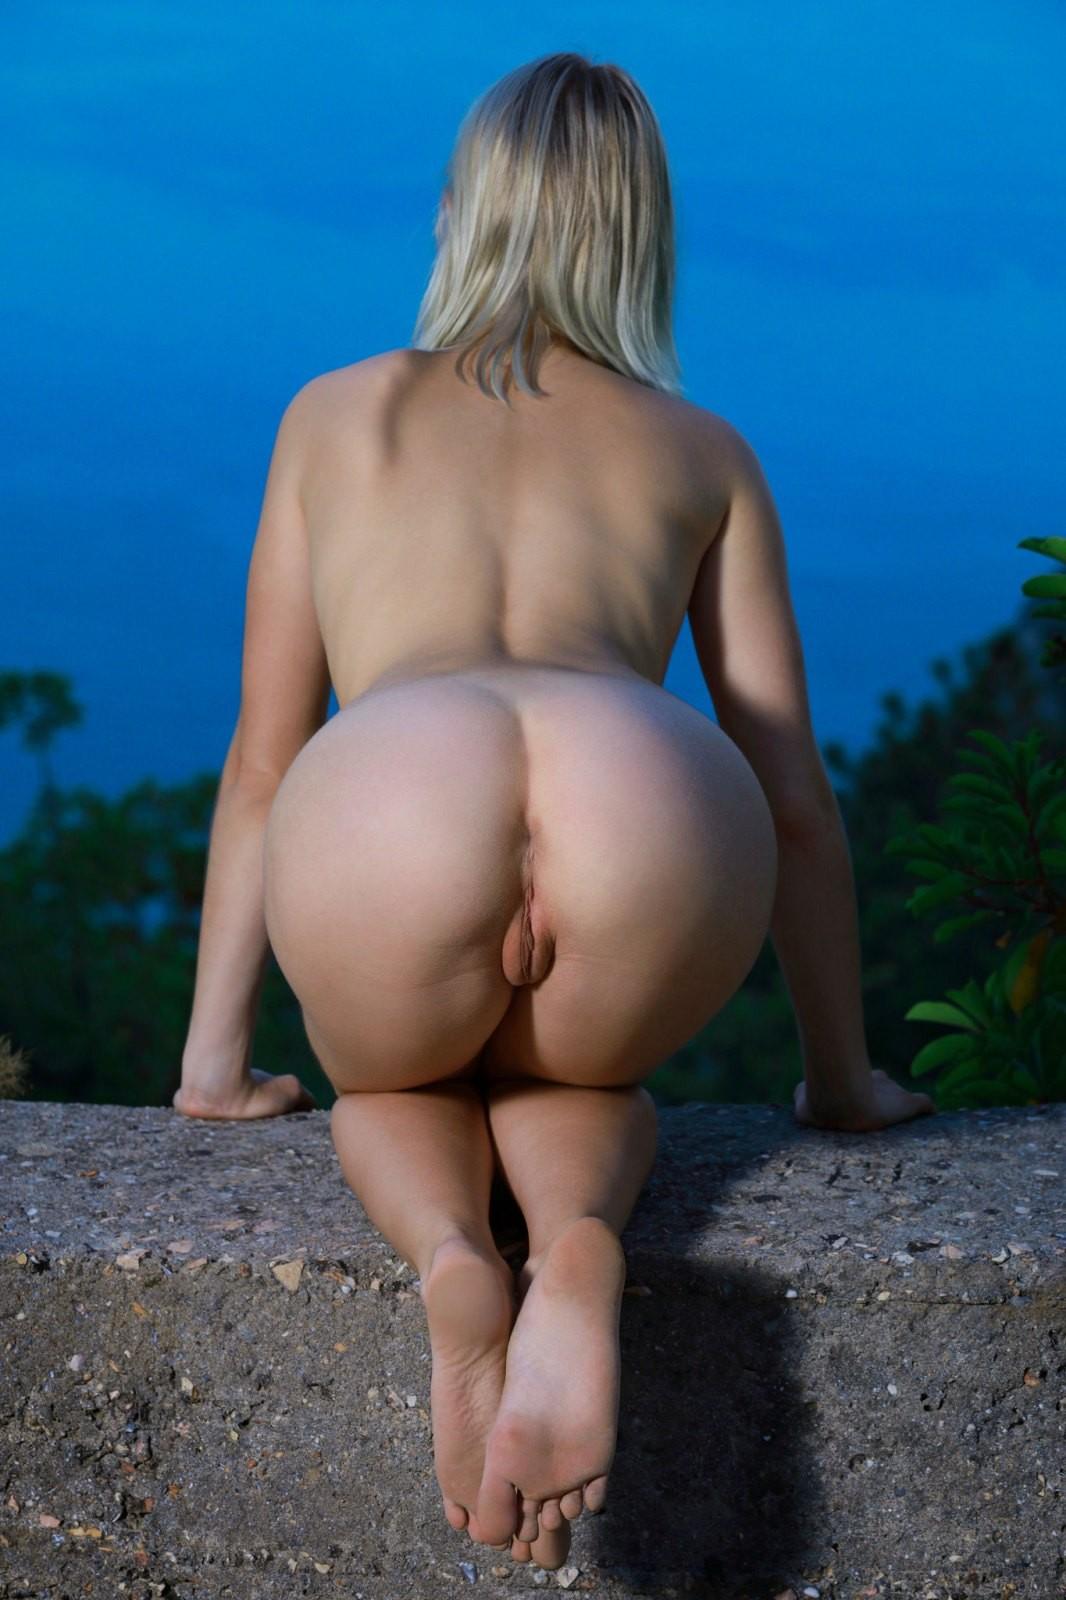 Блондинка со смачной попкой - фото